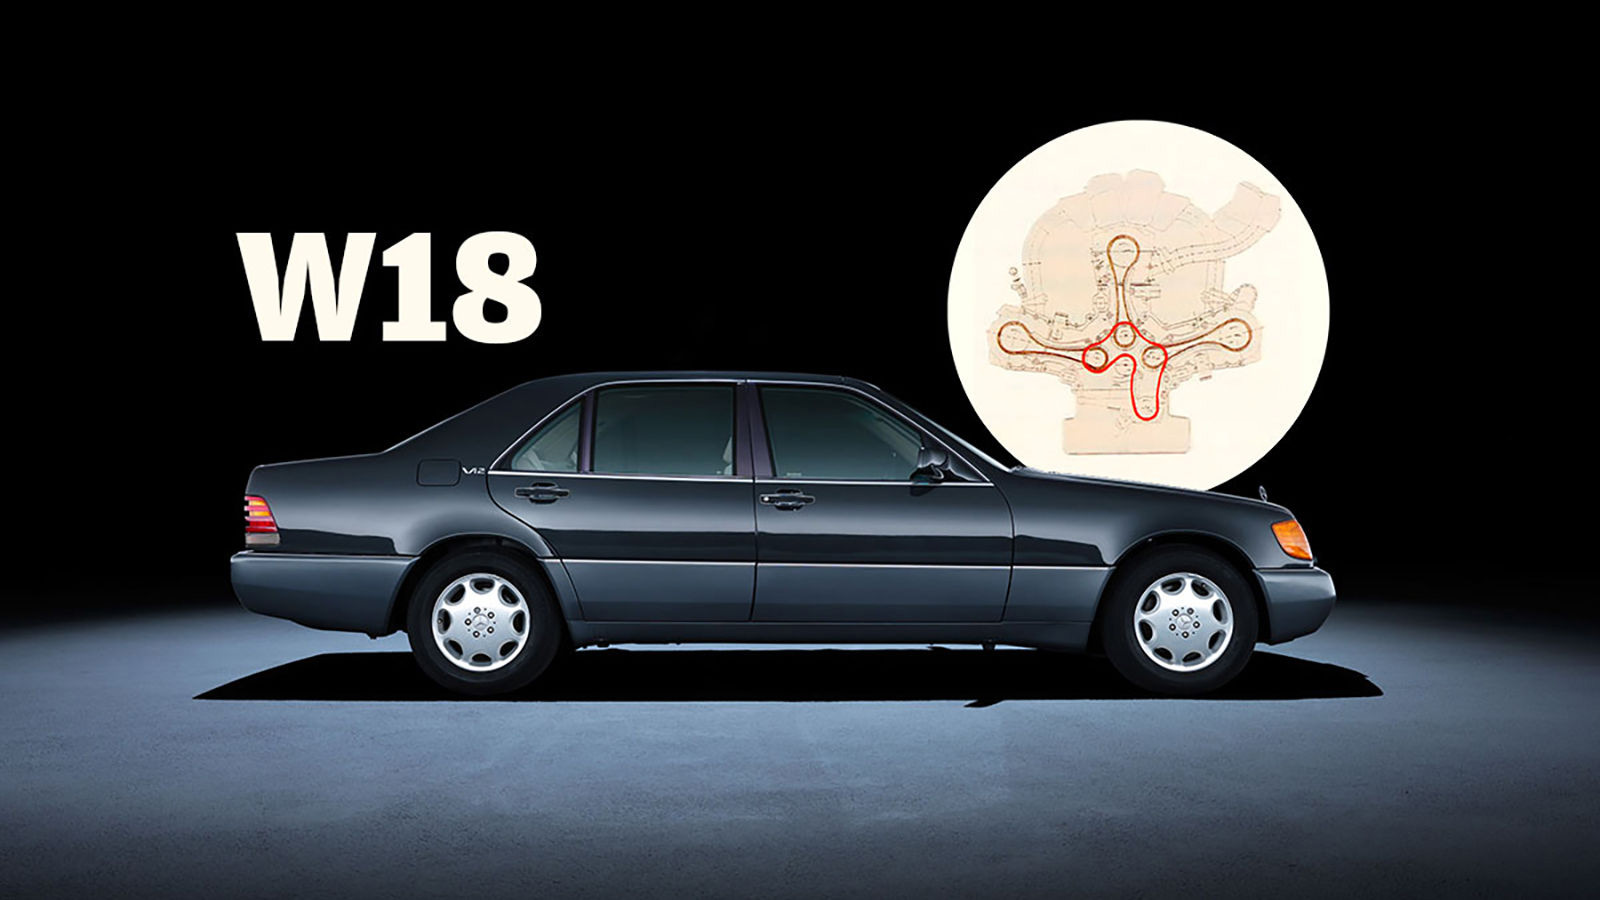 Забудьте про вазовские «четвёрки» и японские V6 — мы нашли настоящих монстров